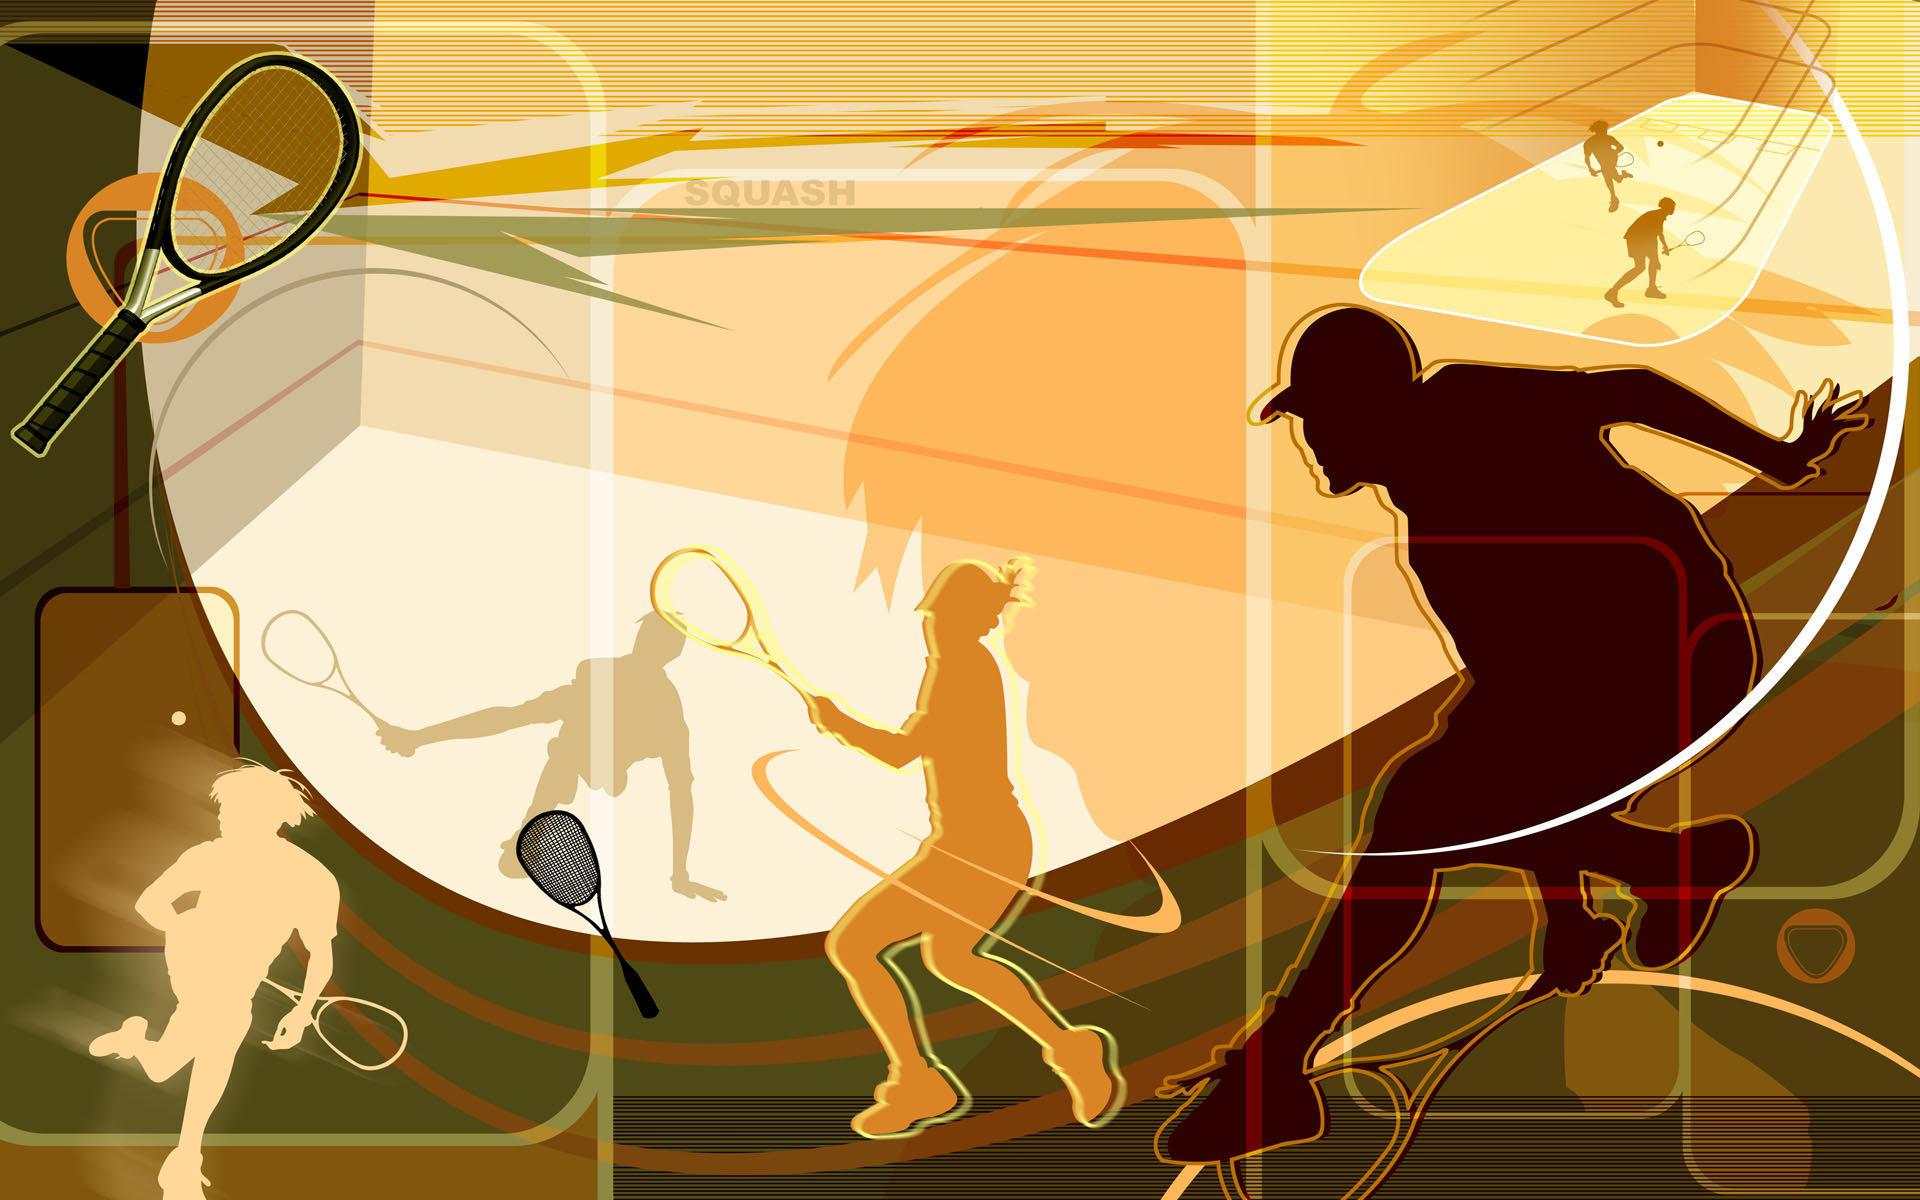 奥运体育项目抽象主题高清桌面壁纸